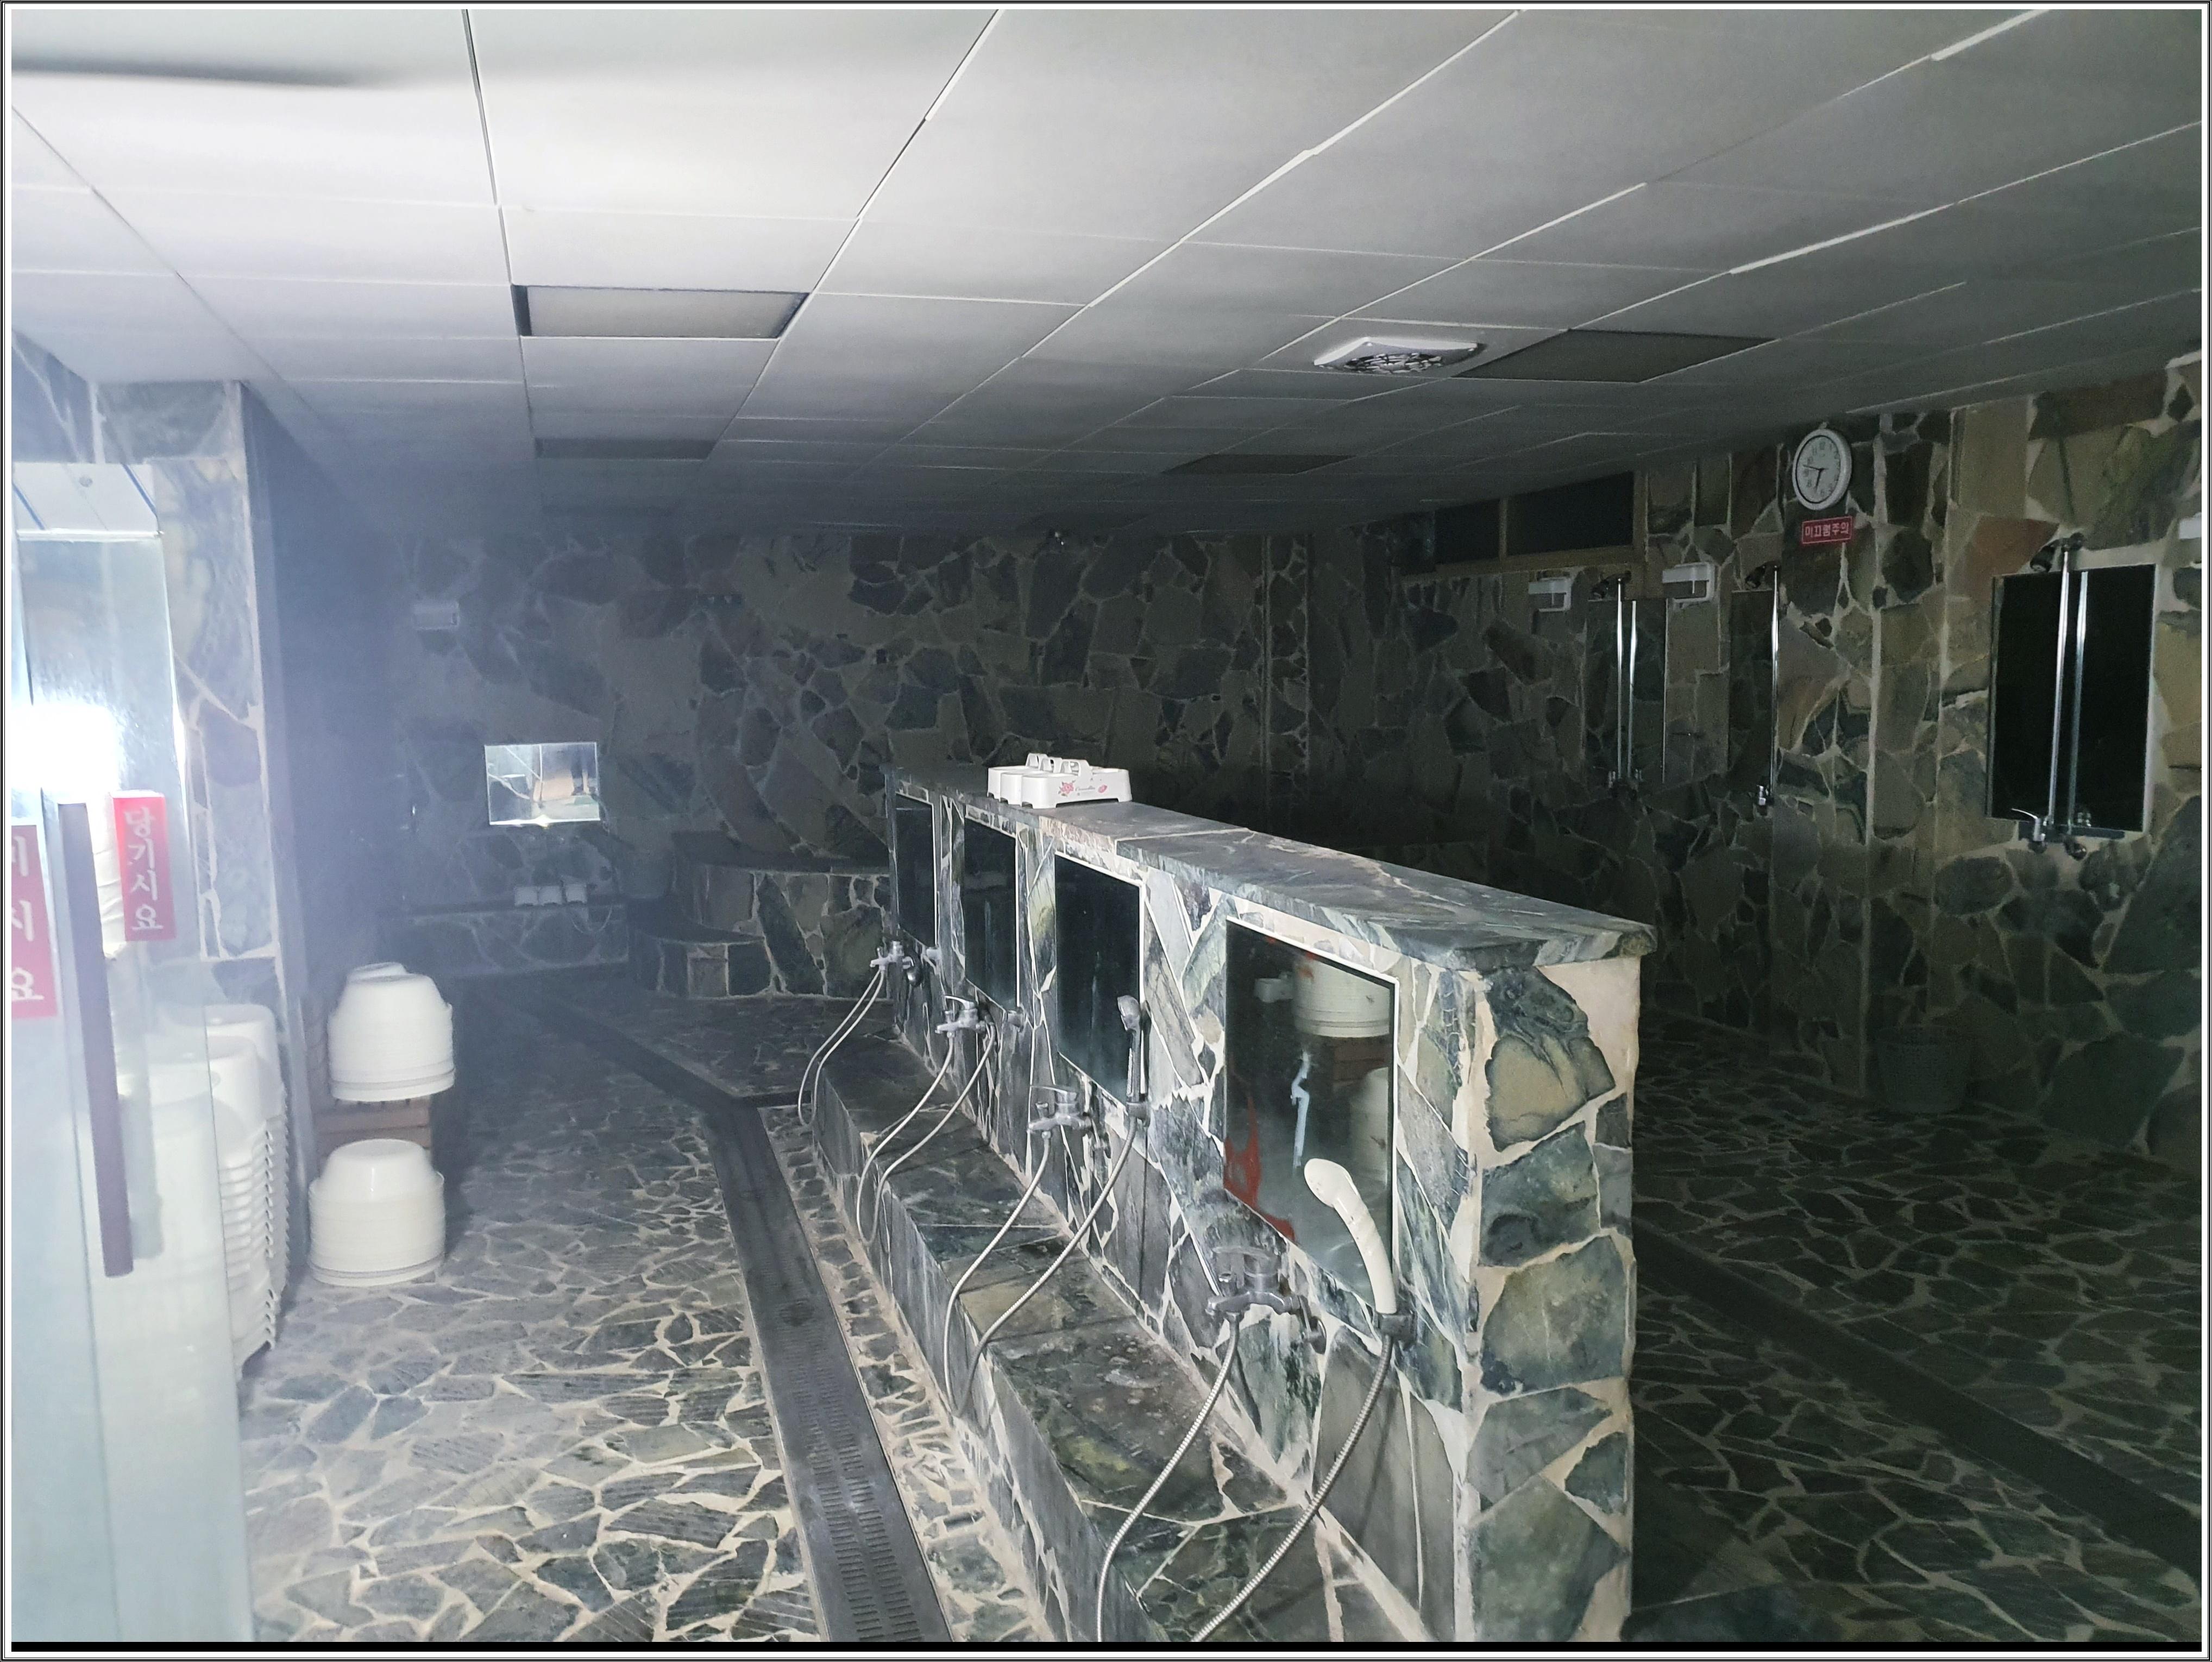 3 번째 사진 숙박시설 에  연면적3830.94 ㎡ 충주시 숙박시설 석면조사 현장